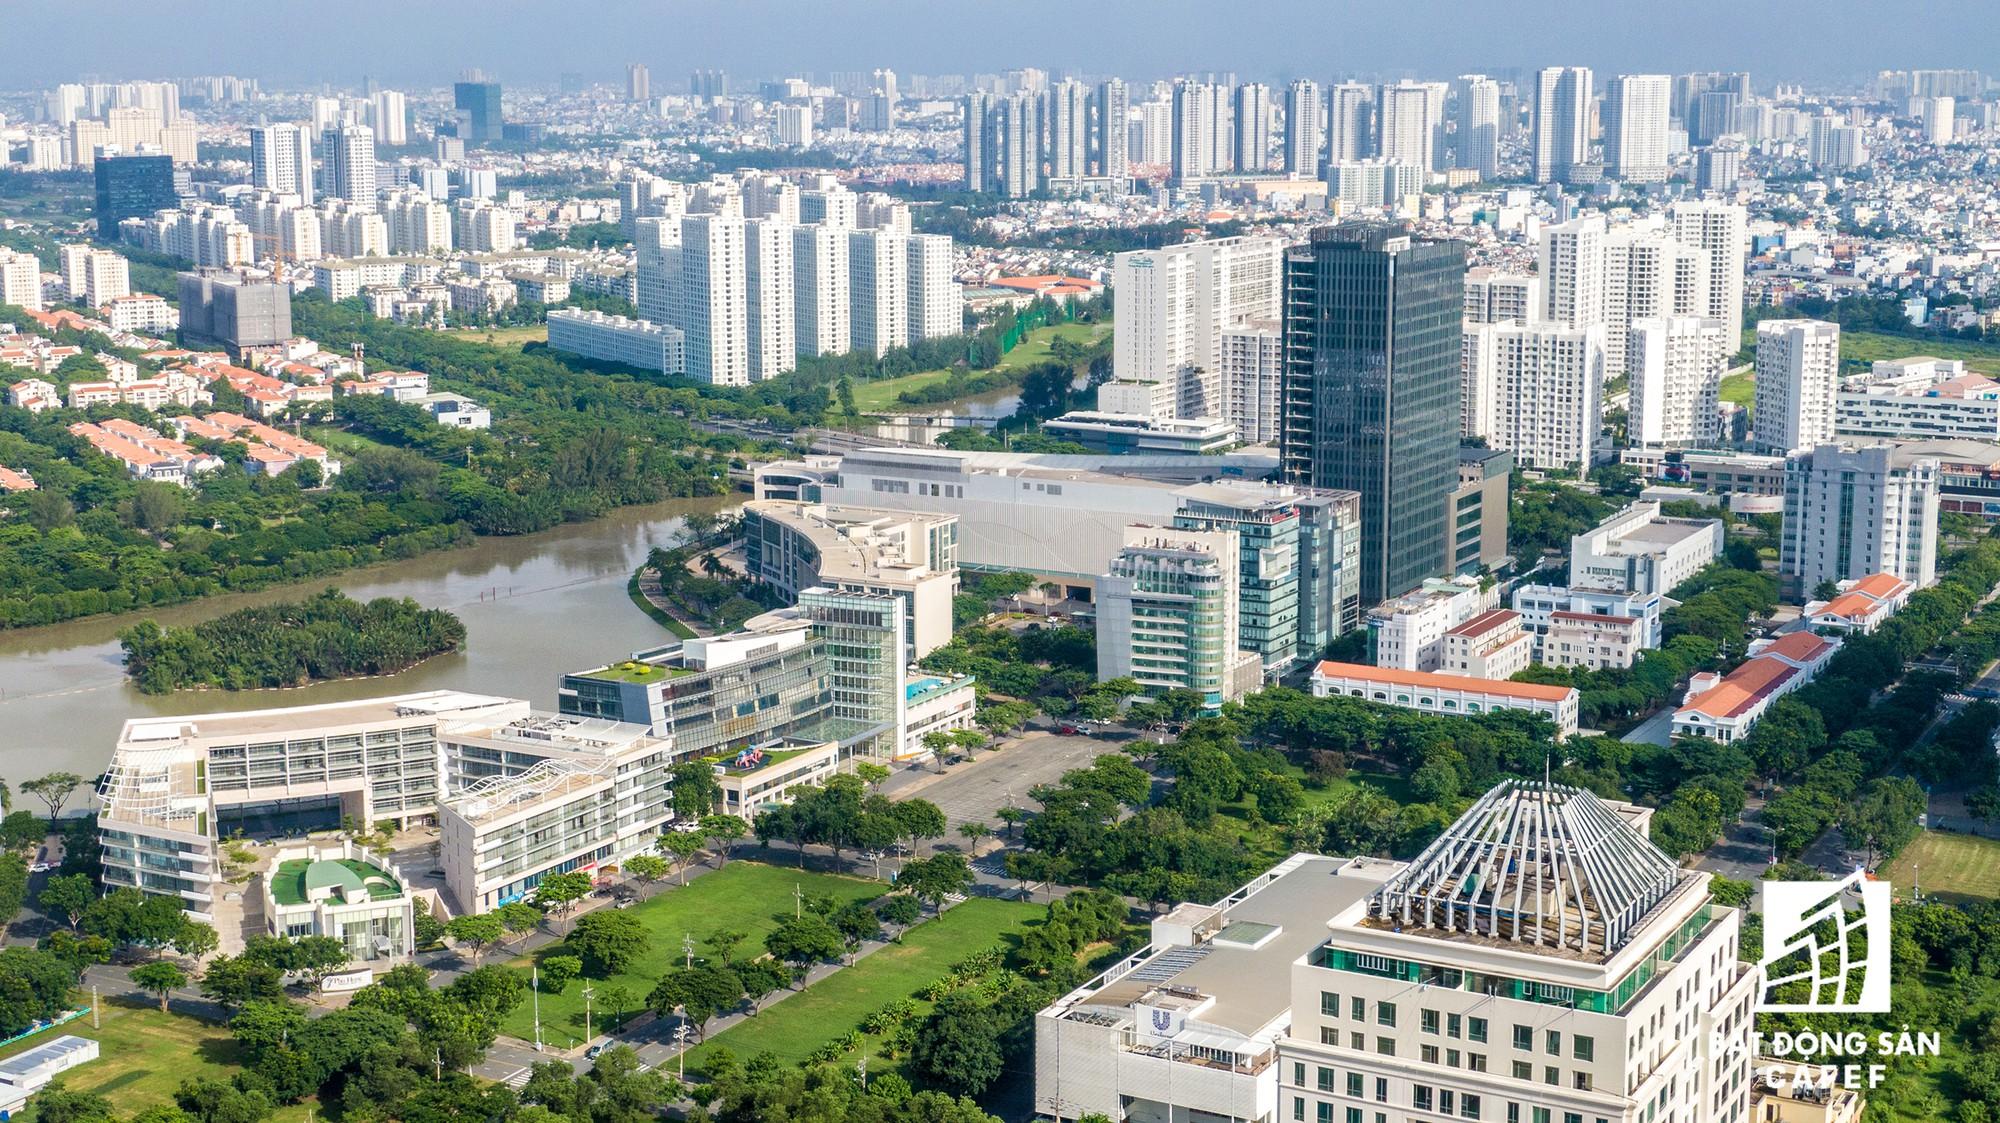 Có một trung tâm tài chính tại khu Nam Sài Gòn - Nơi giá nhà tăng chóng mặt - Ảnh 12.